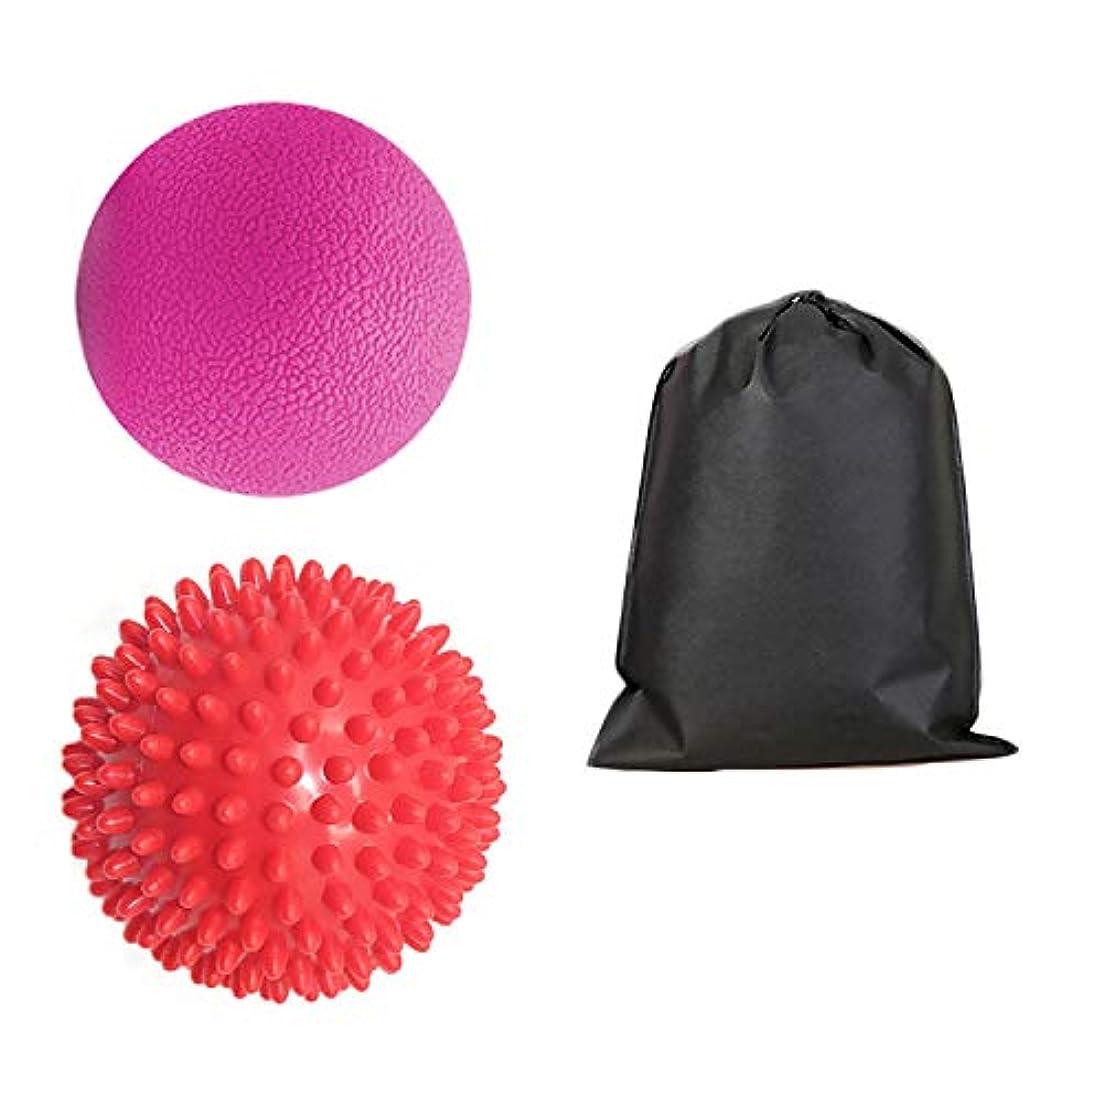 平衡パイプモンスターMigavan 1個マッサージボールマッサージボールローラーマッサージボール+ 1袋スパイクマッサージローラーボールマッサージと収納バッグ